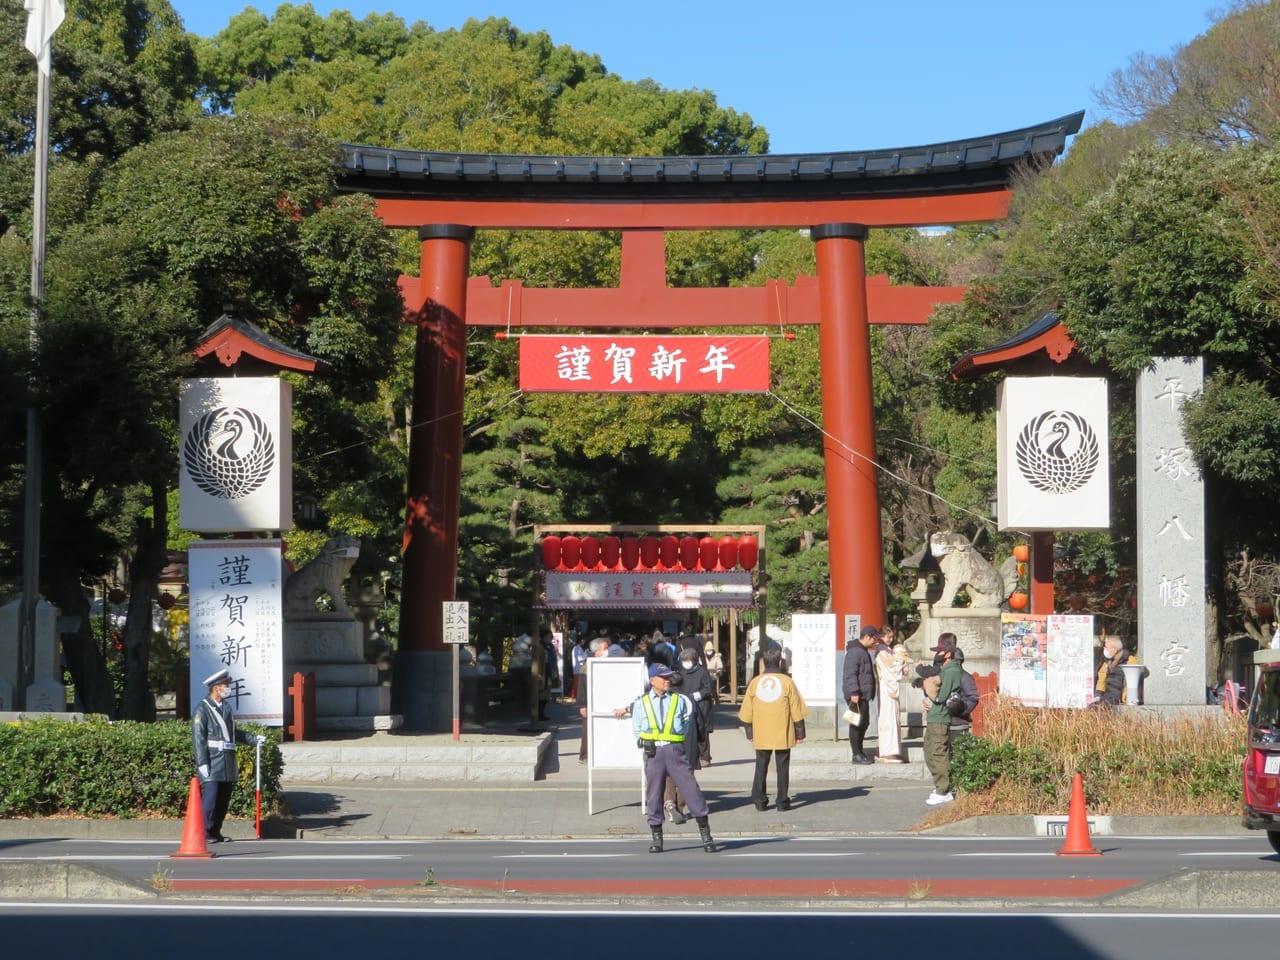 平塚八幡宮 今年の初詣は参拝客が少なく、感染予防に配慮してのお参りとなっています。